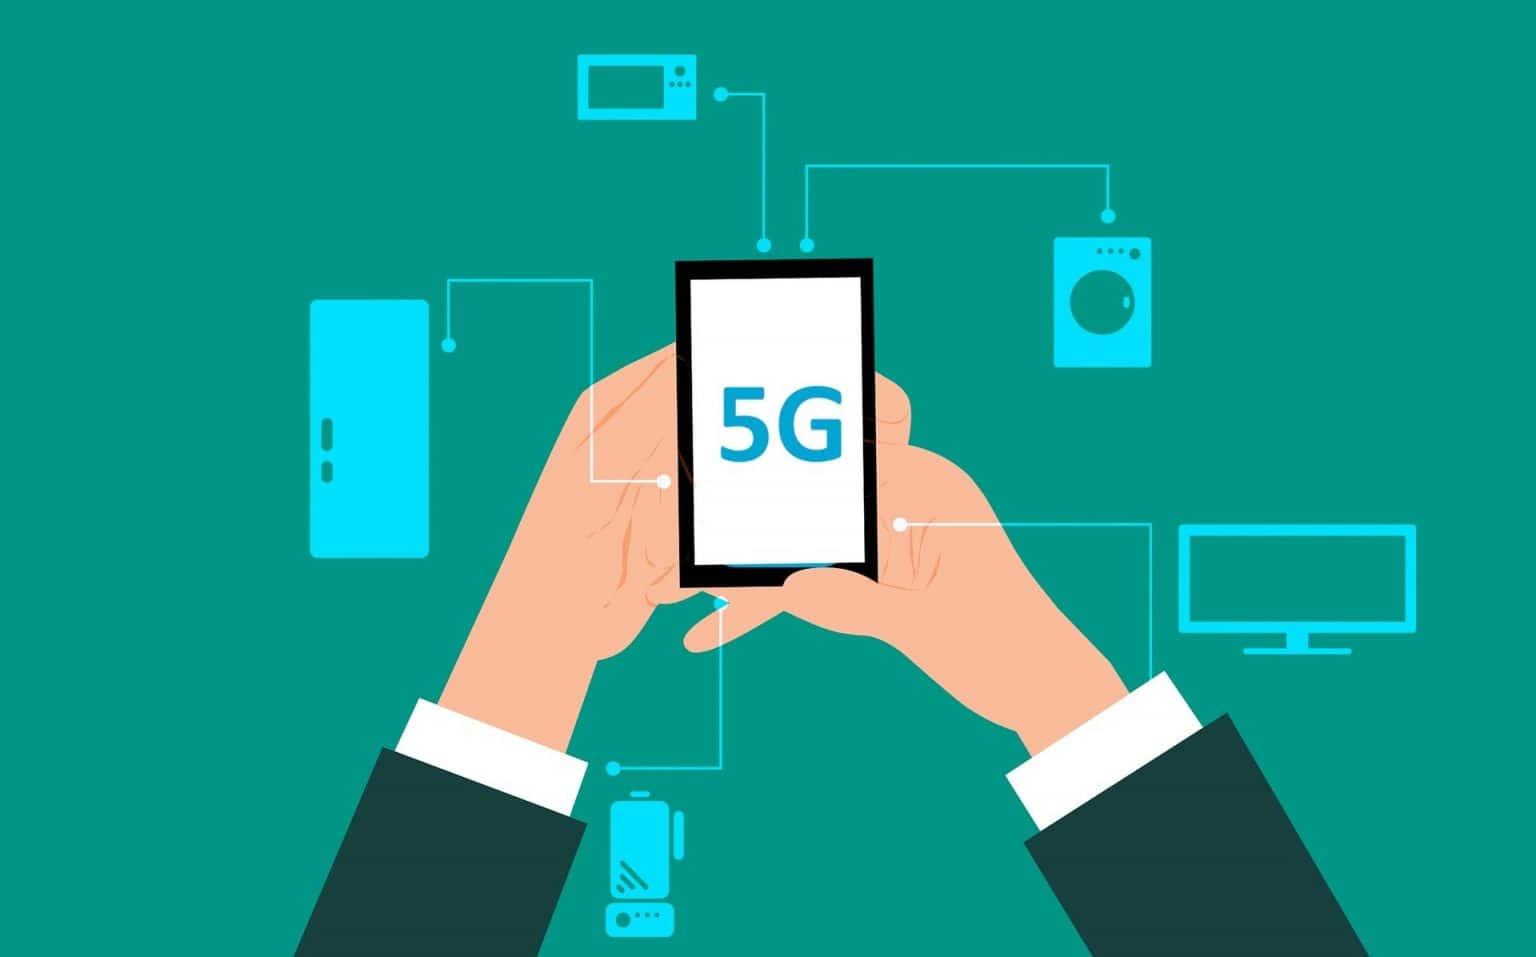 شركة Strategy Analytics تتوقع أن الهواتف الذكية الجيل الخامس 5G ستشكل حوالي 15% من سوق الهواتف في 2020